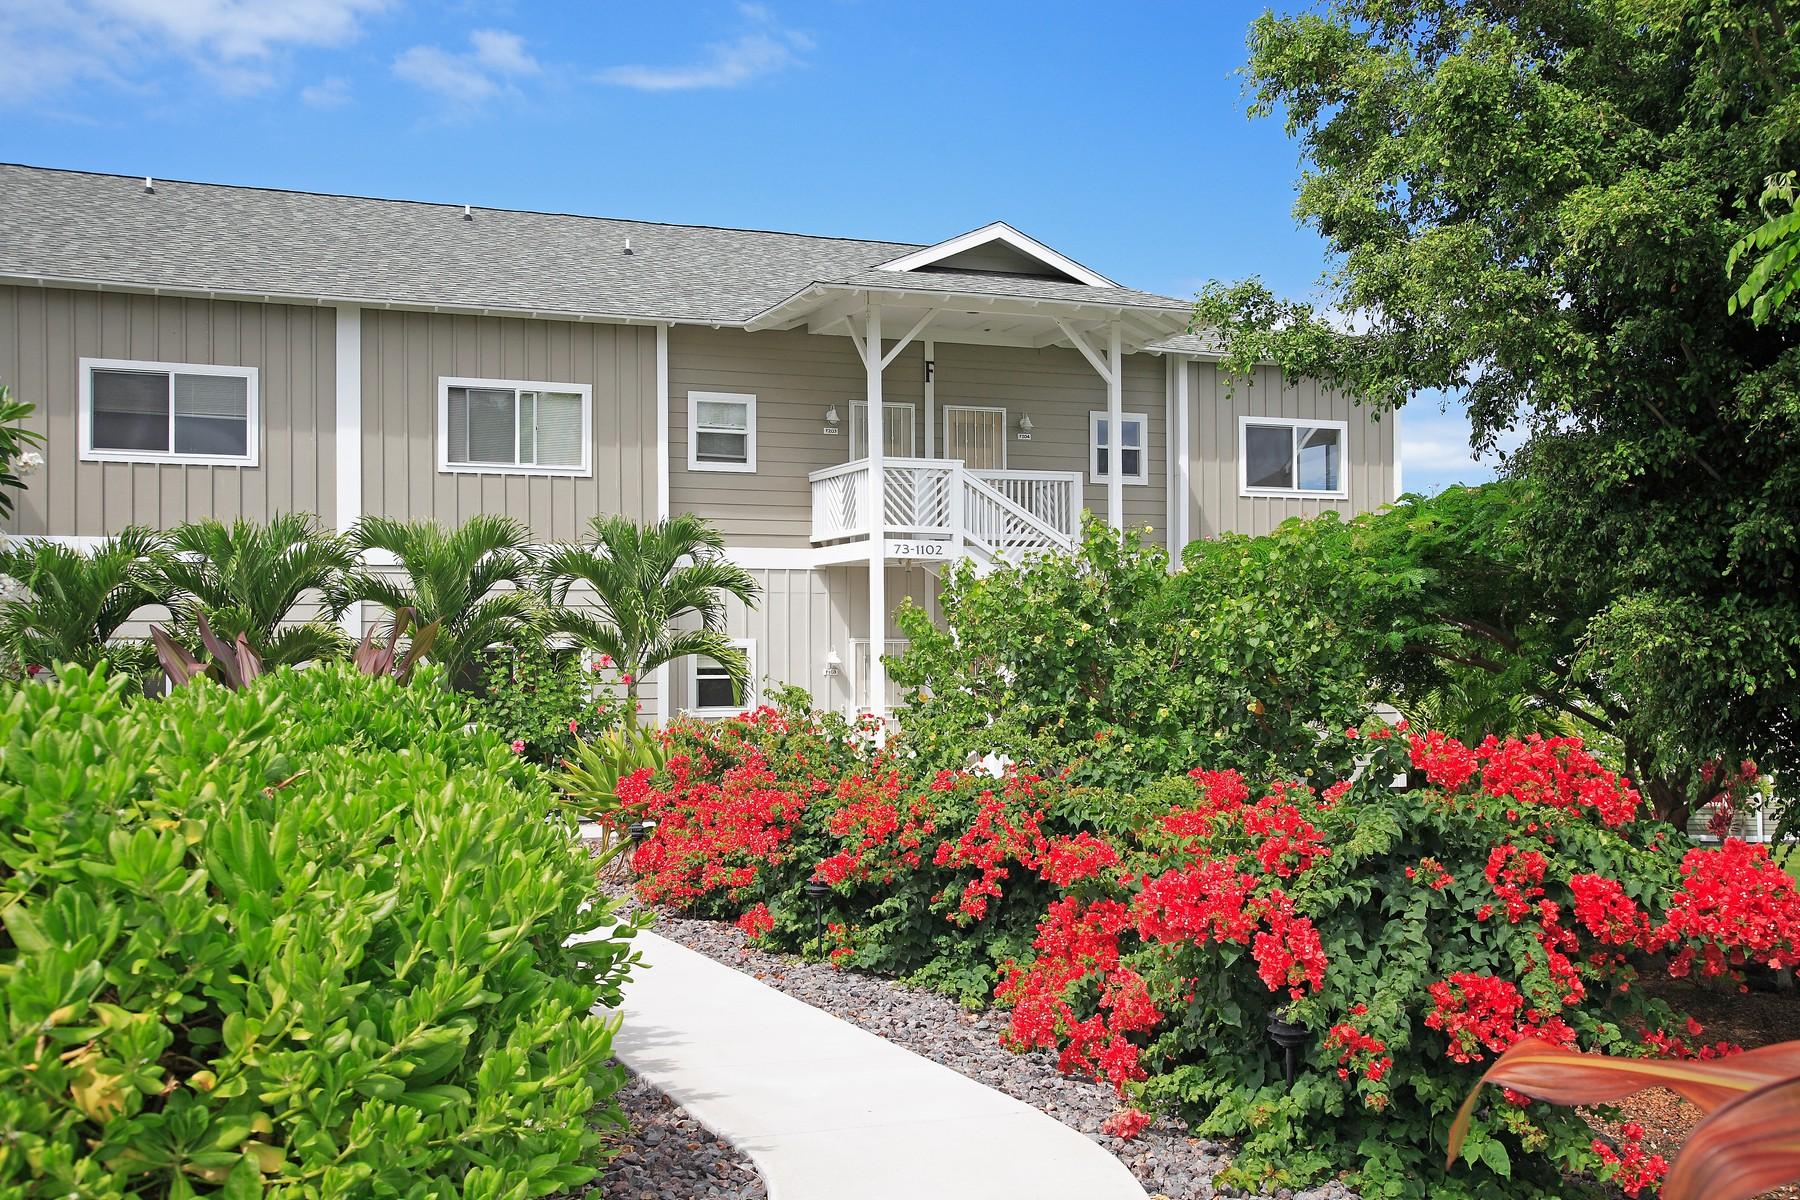 Condominium for Sale at Kona Seascape 73-1105 Nuuanu Pl B203 Kailua-Kona, Hawaii 96740 United States